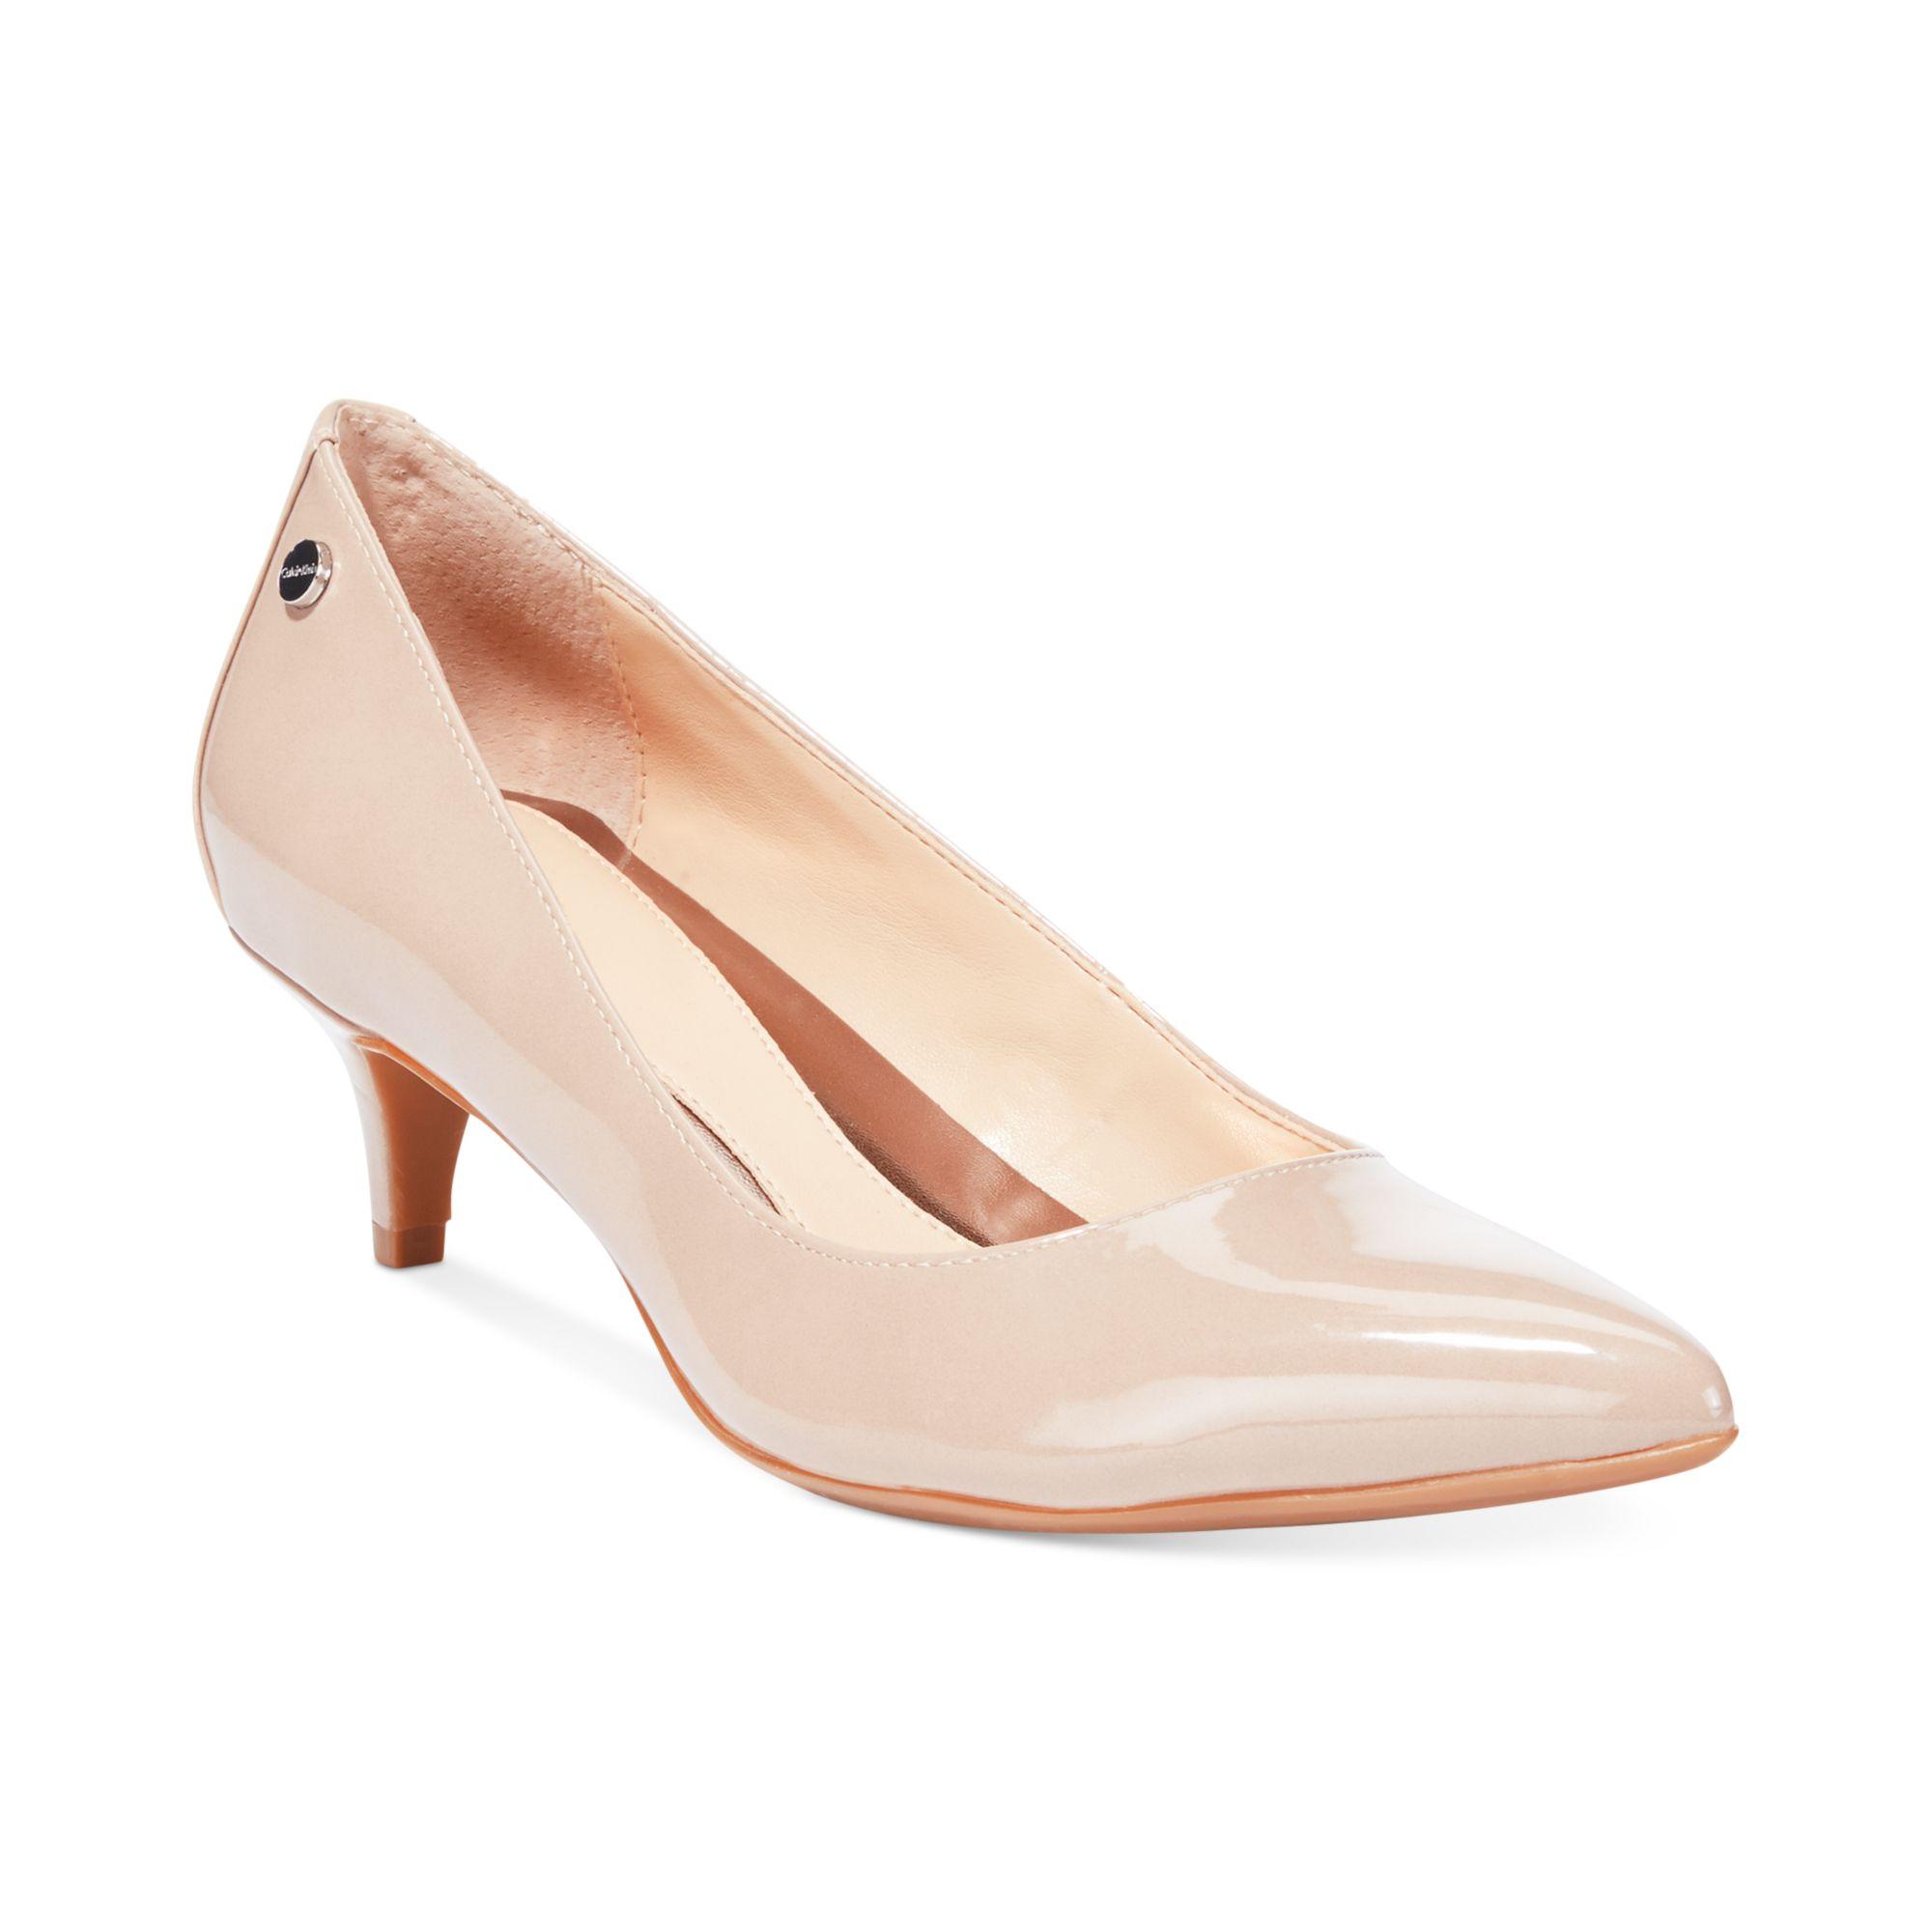 a6b43c936c2 Lyst - Calvin Klein Nicki Kitten Heel Pumps in Natural